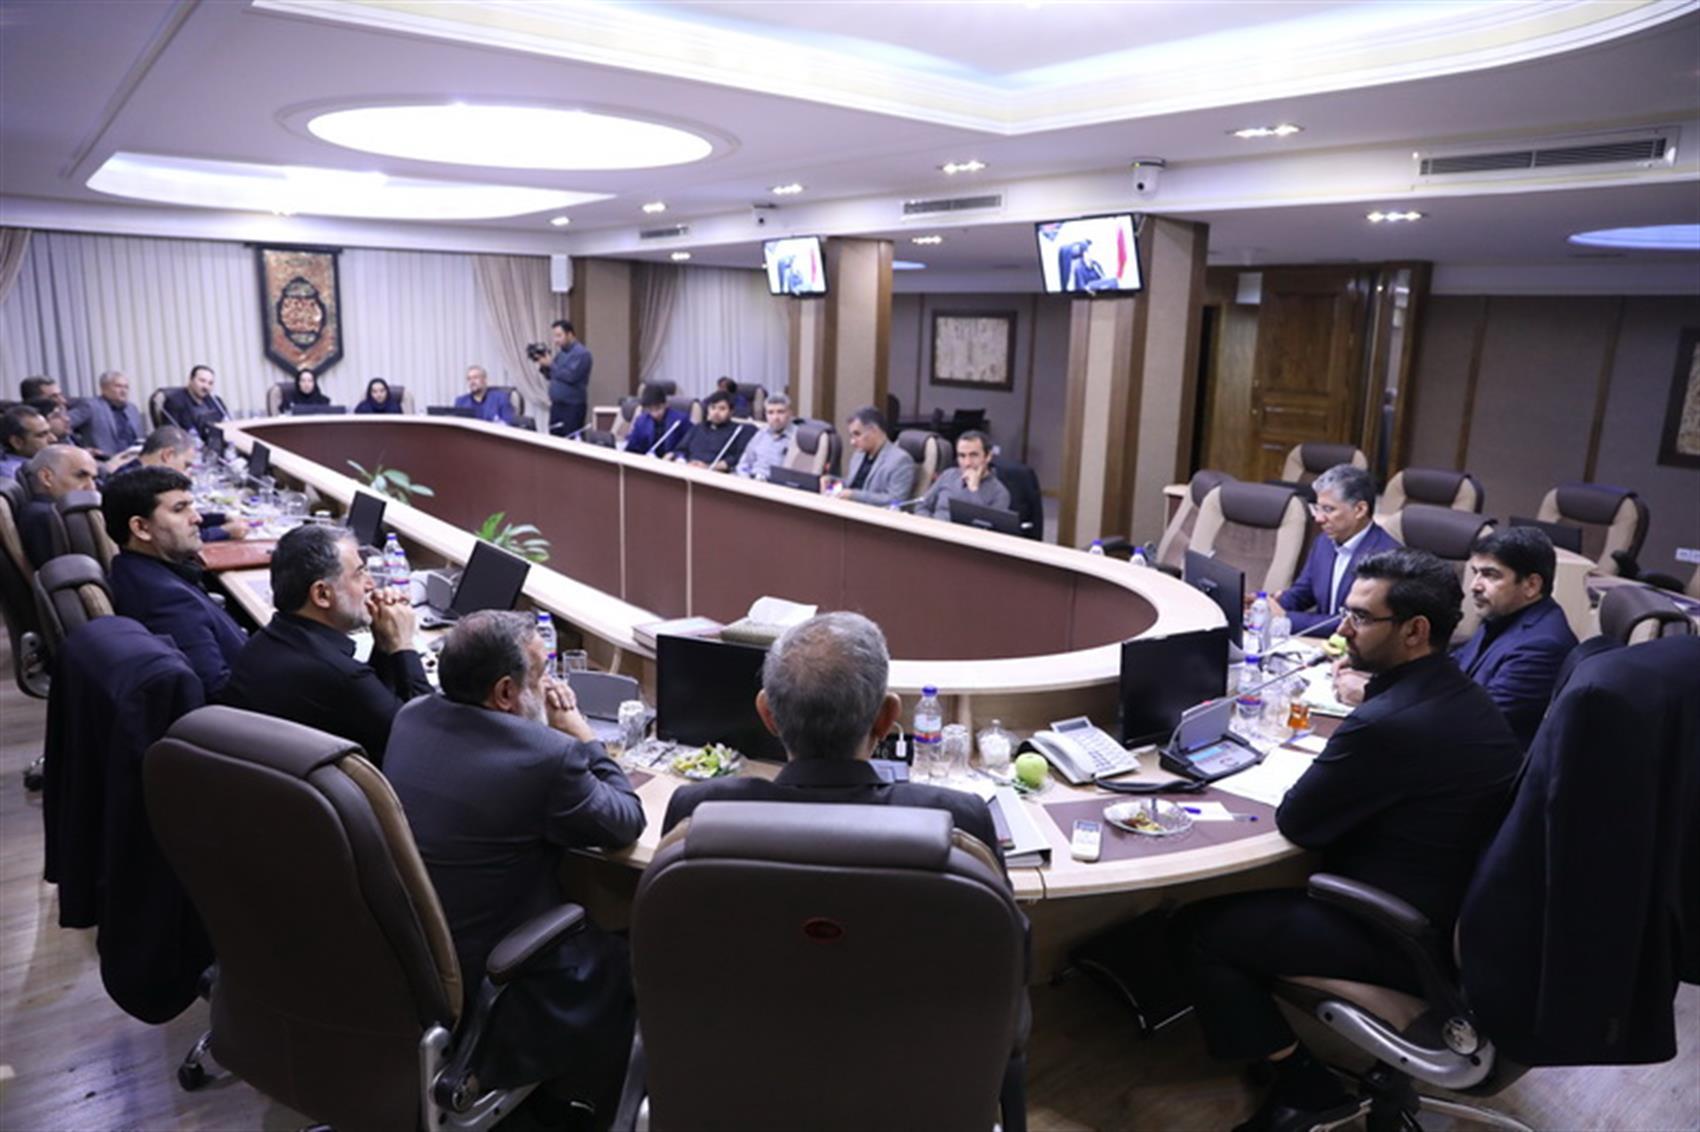 وزارت ارتباطات باید ابتکار عمل در مجامع بین المللی را در دست داشته باشد / تشکیل کمیته بین الملل در سازمان و شرکت های تابعه